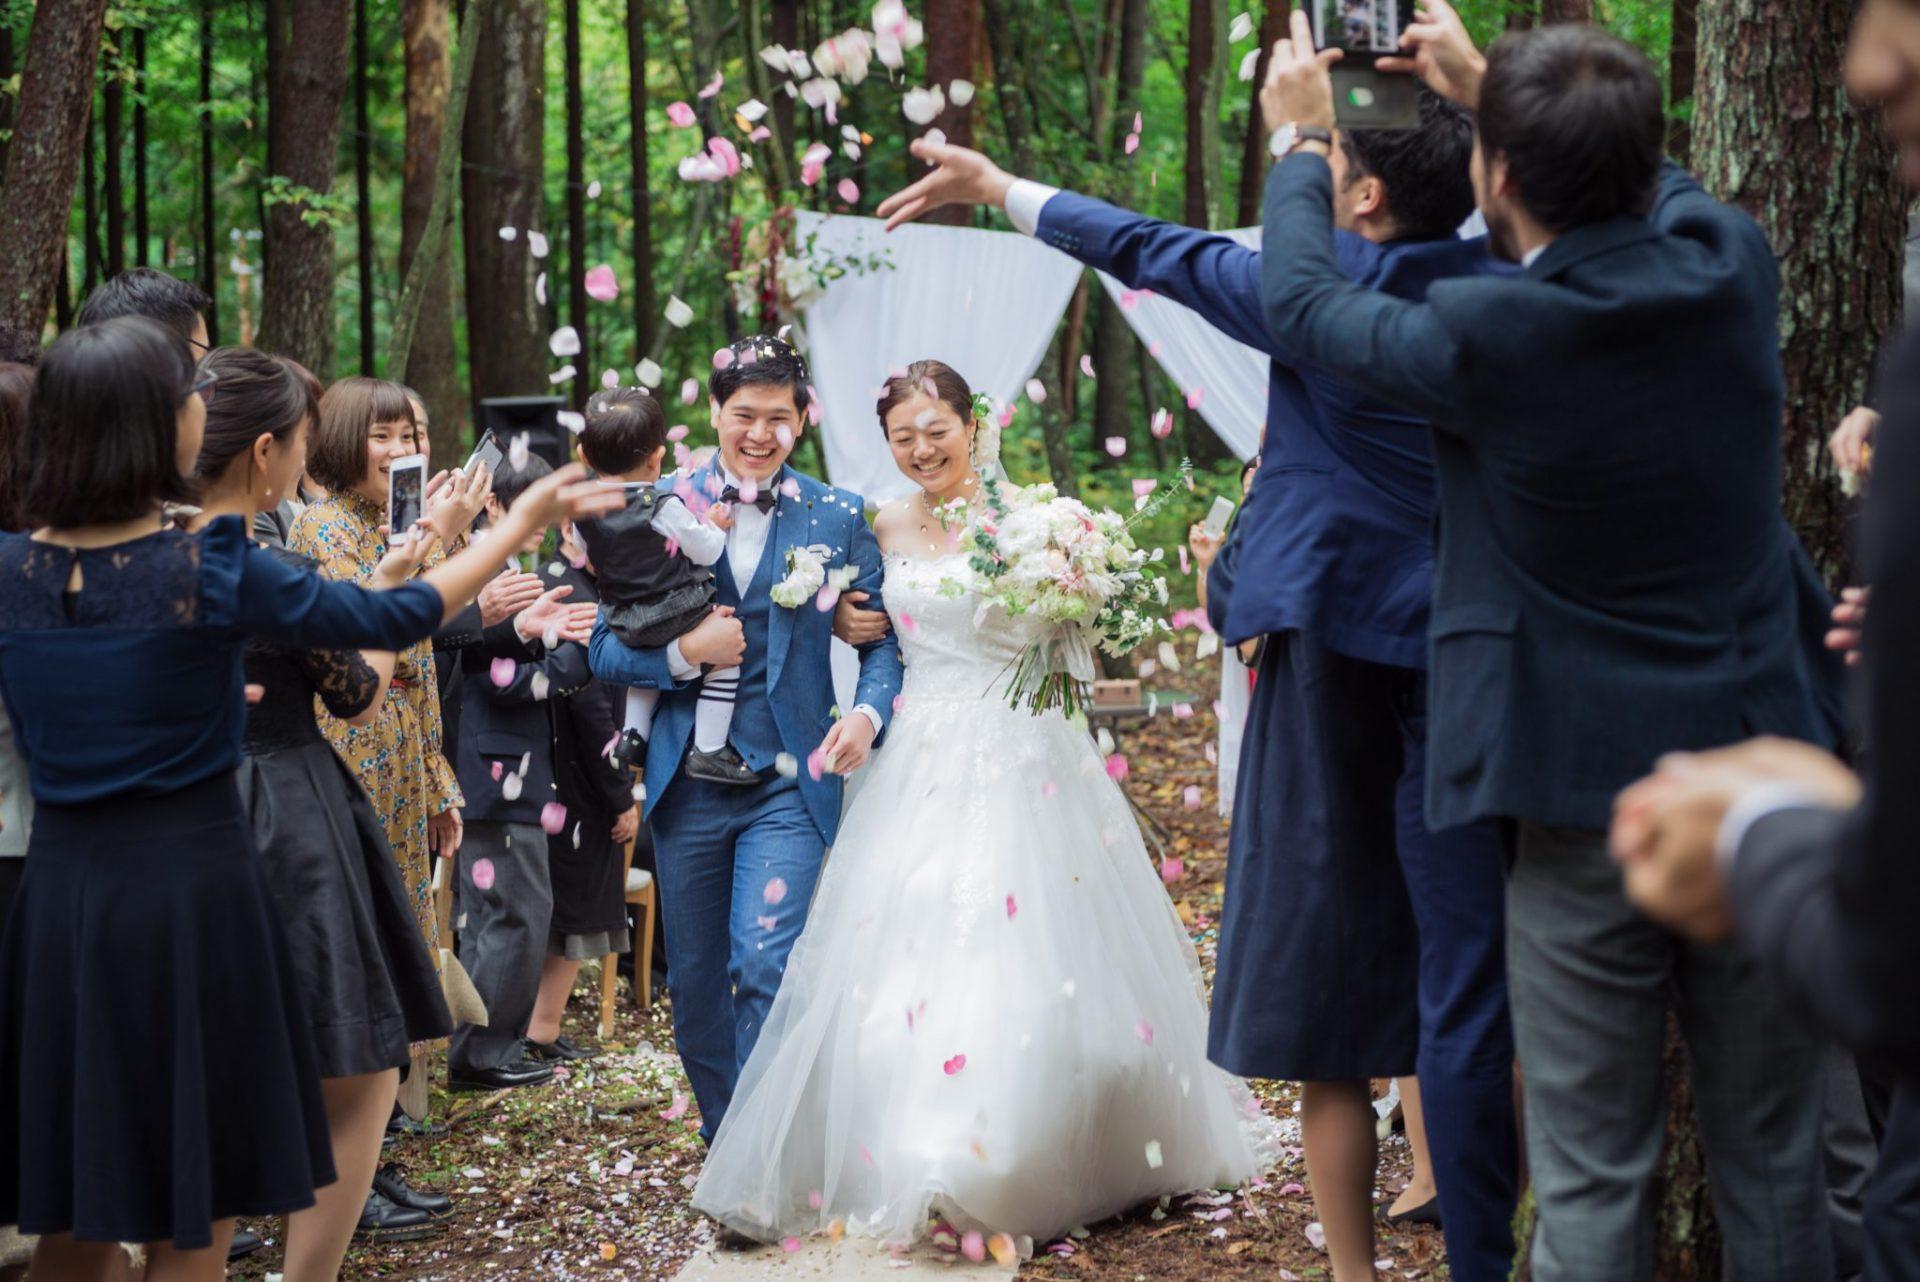 べるが(verga)での結婚式-花びら